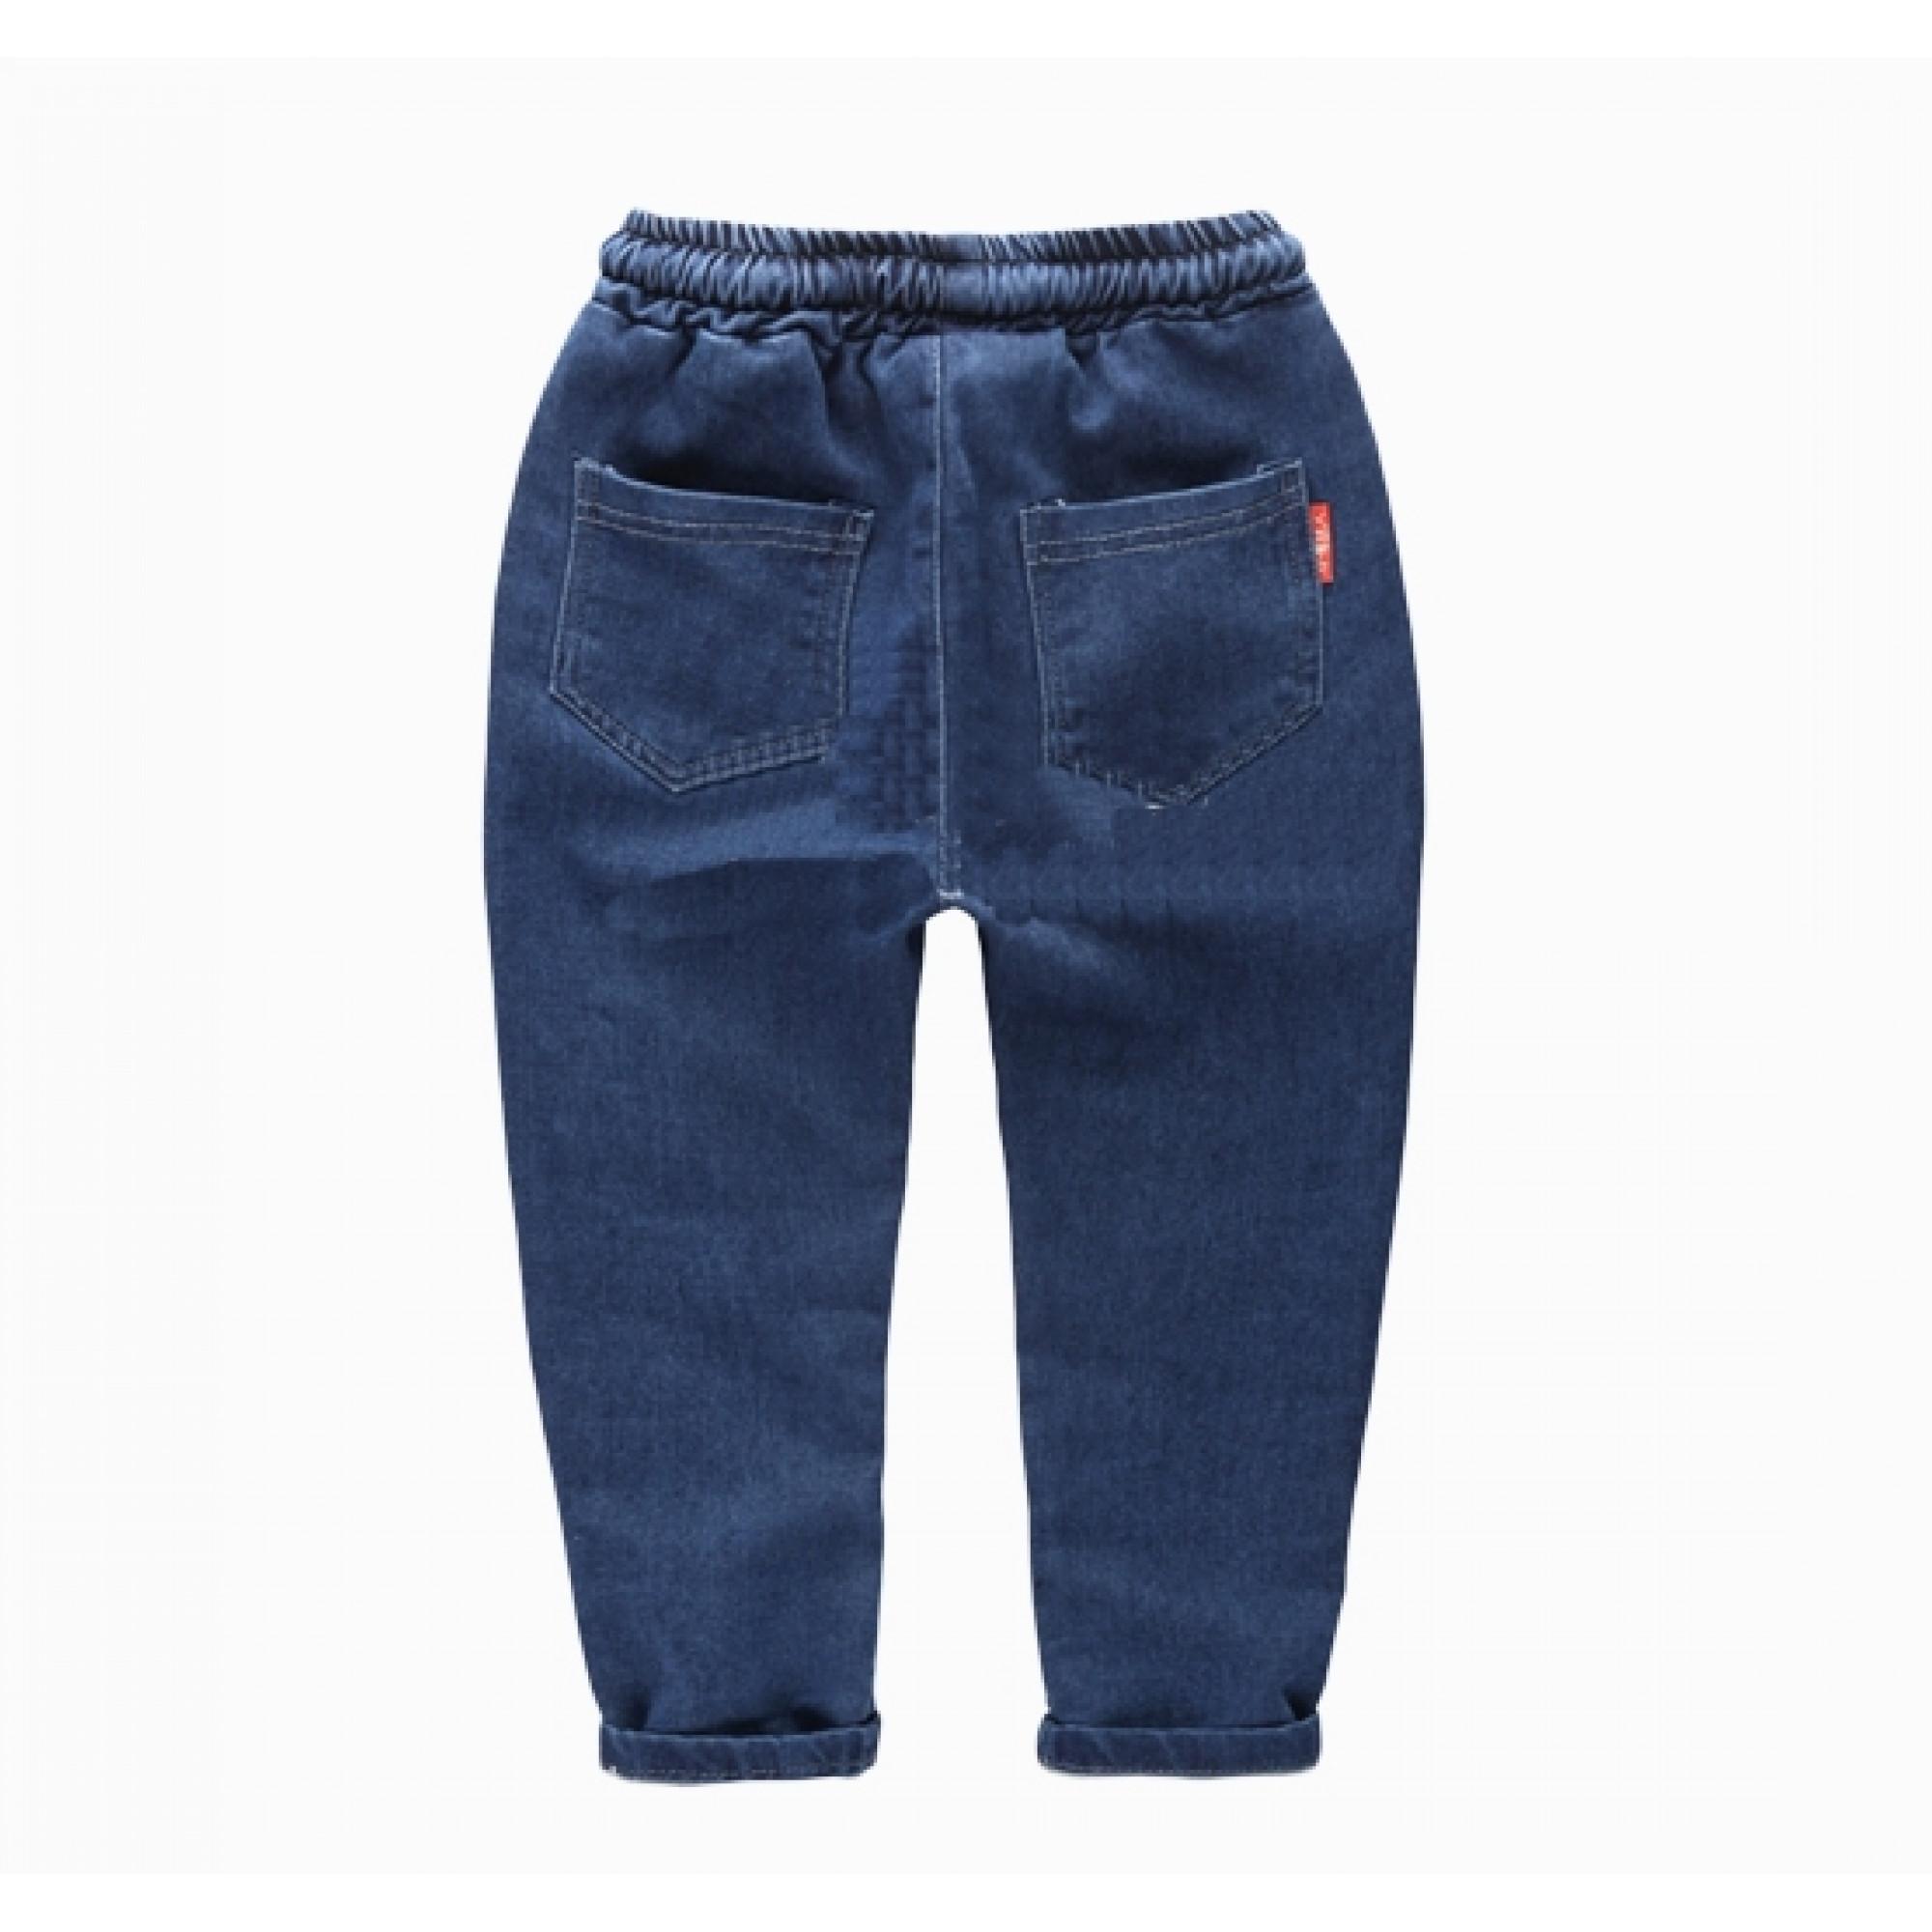 aa1759ab1c80 Купить детские джинсы на резинке — в Киеве, код товара 17606